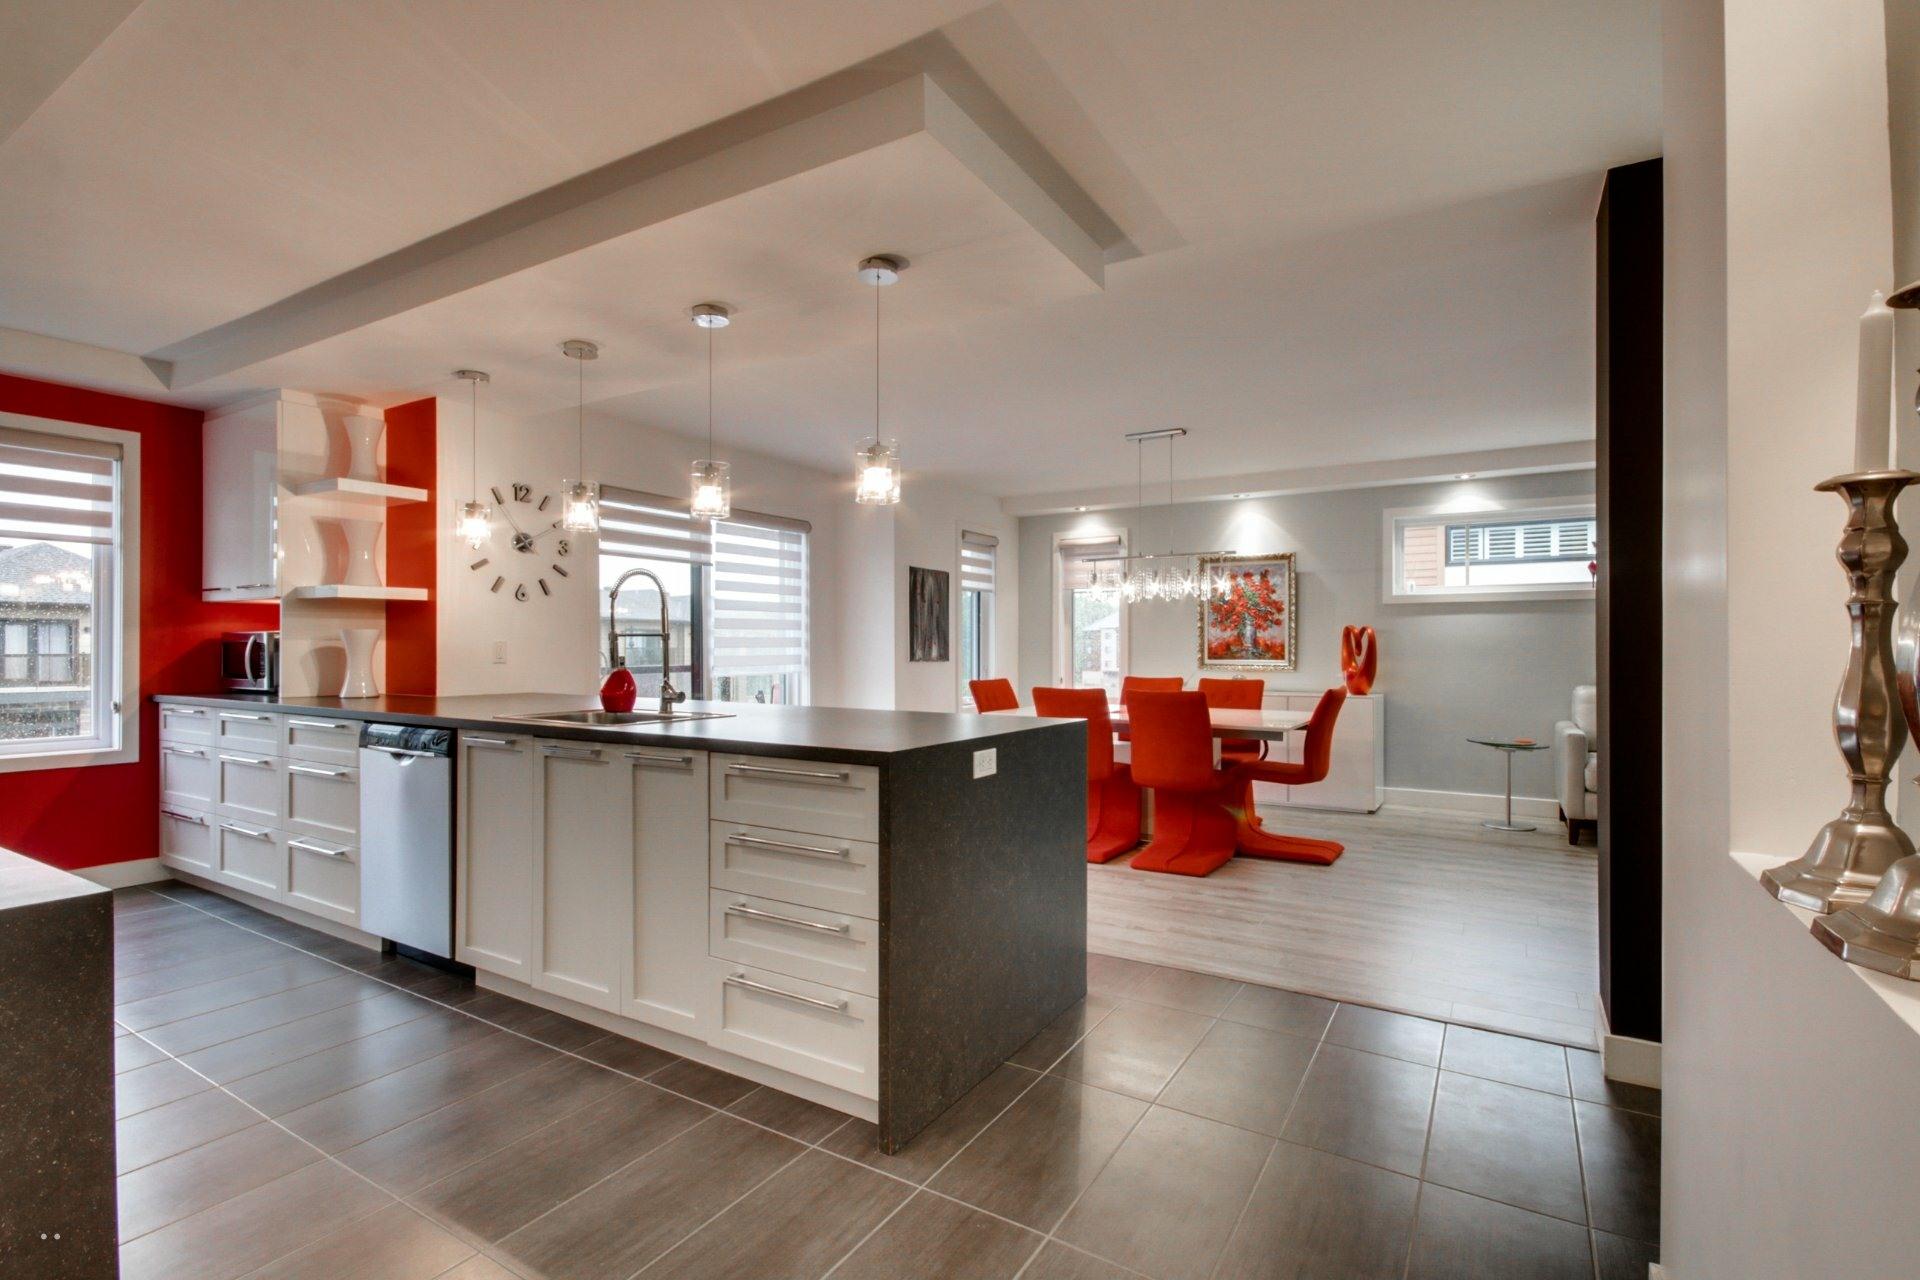 image 21 - Appartement À vendre Trois-Rivières - 7 pièces